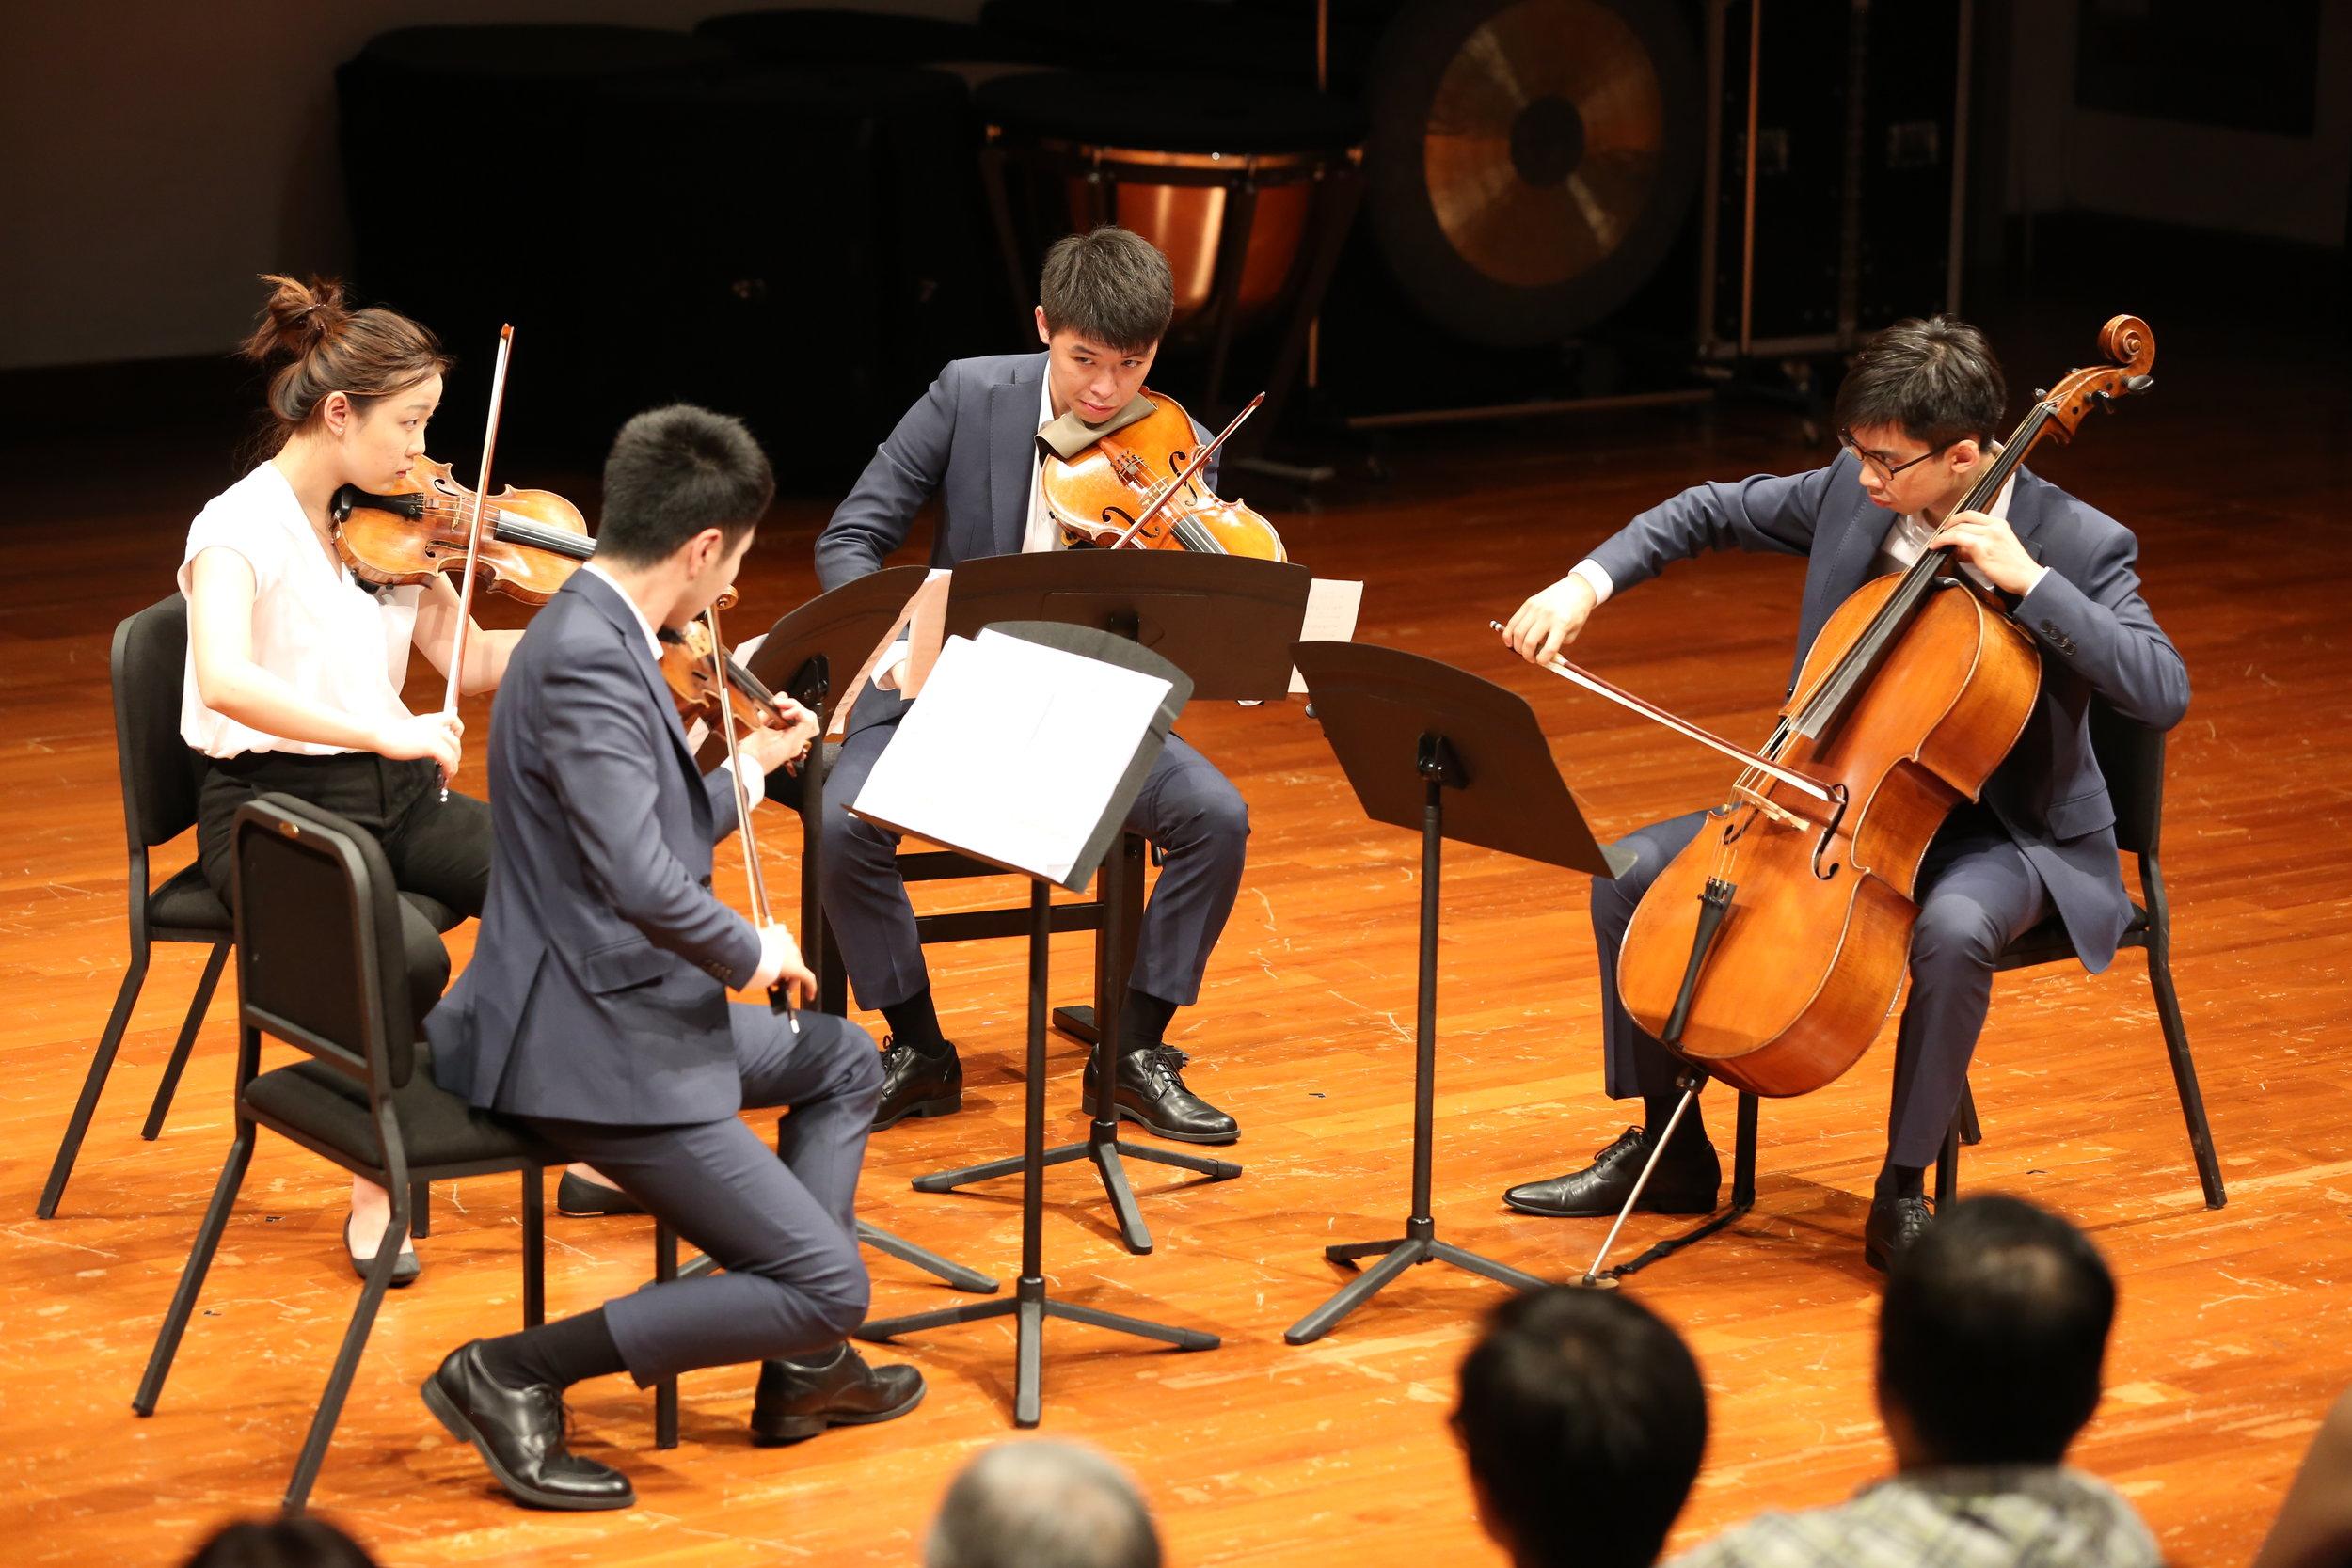 Concert at HKAPA (2018)